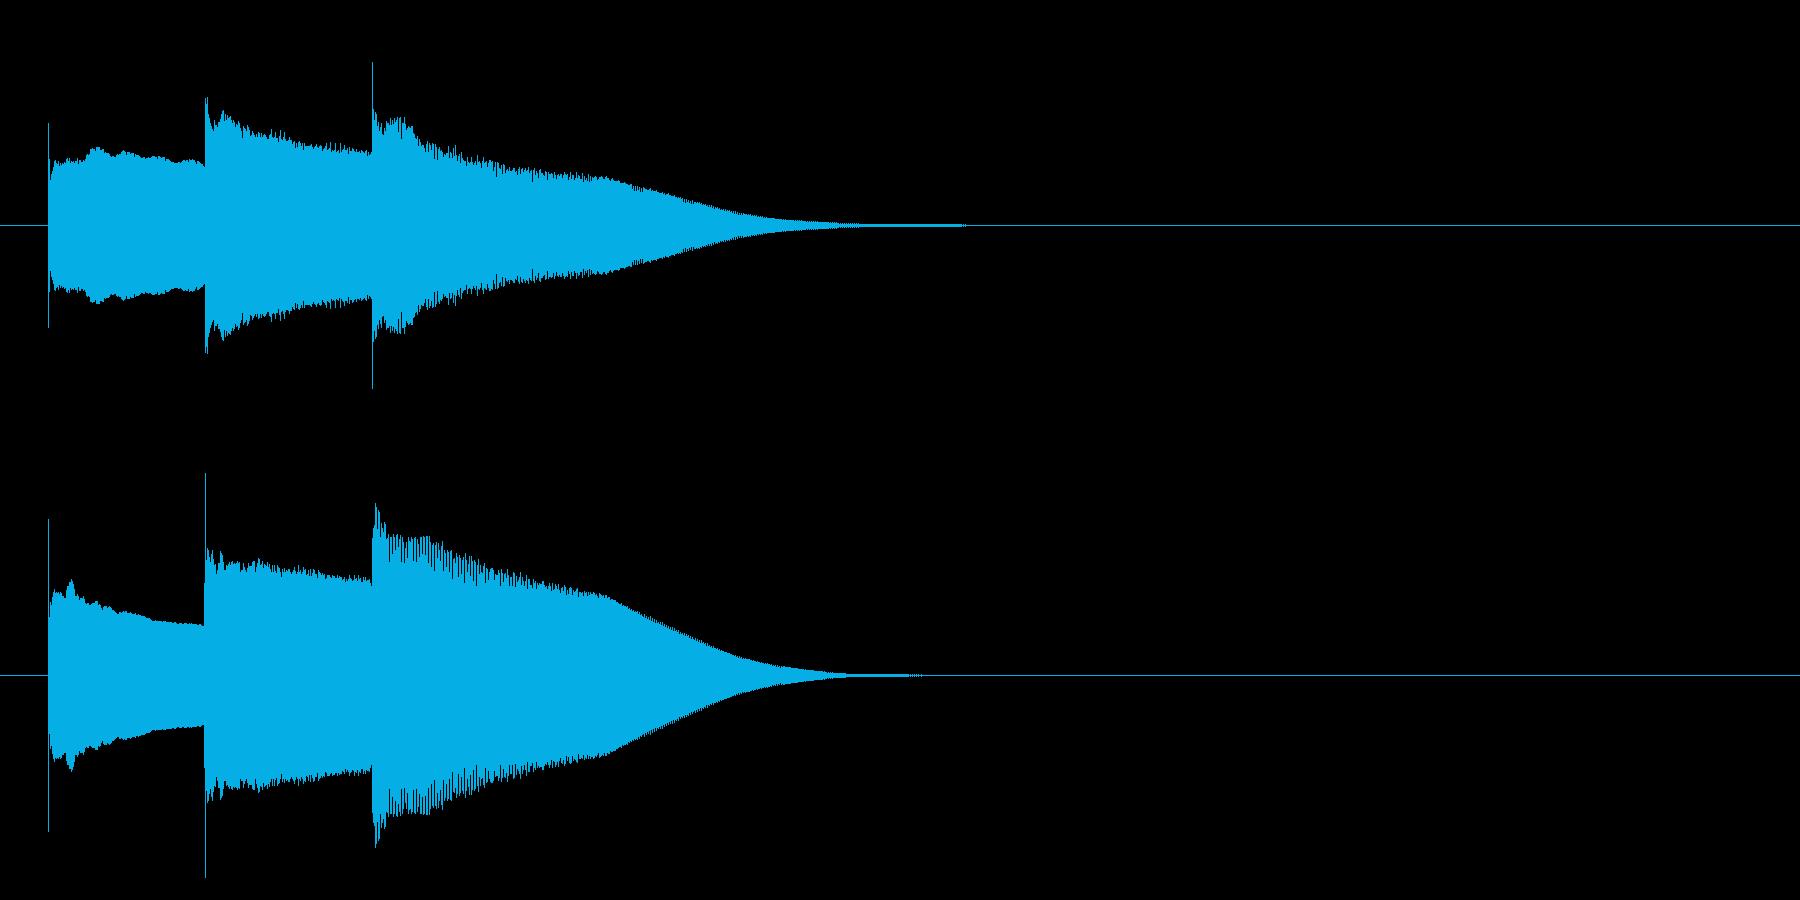 グロッケン系 キャンセル音5(中)の再生済みの波形